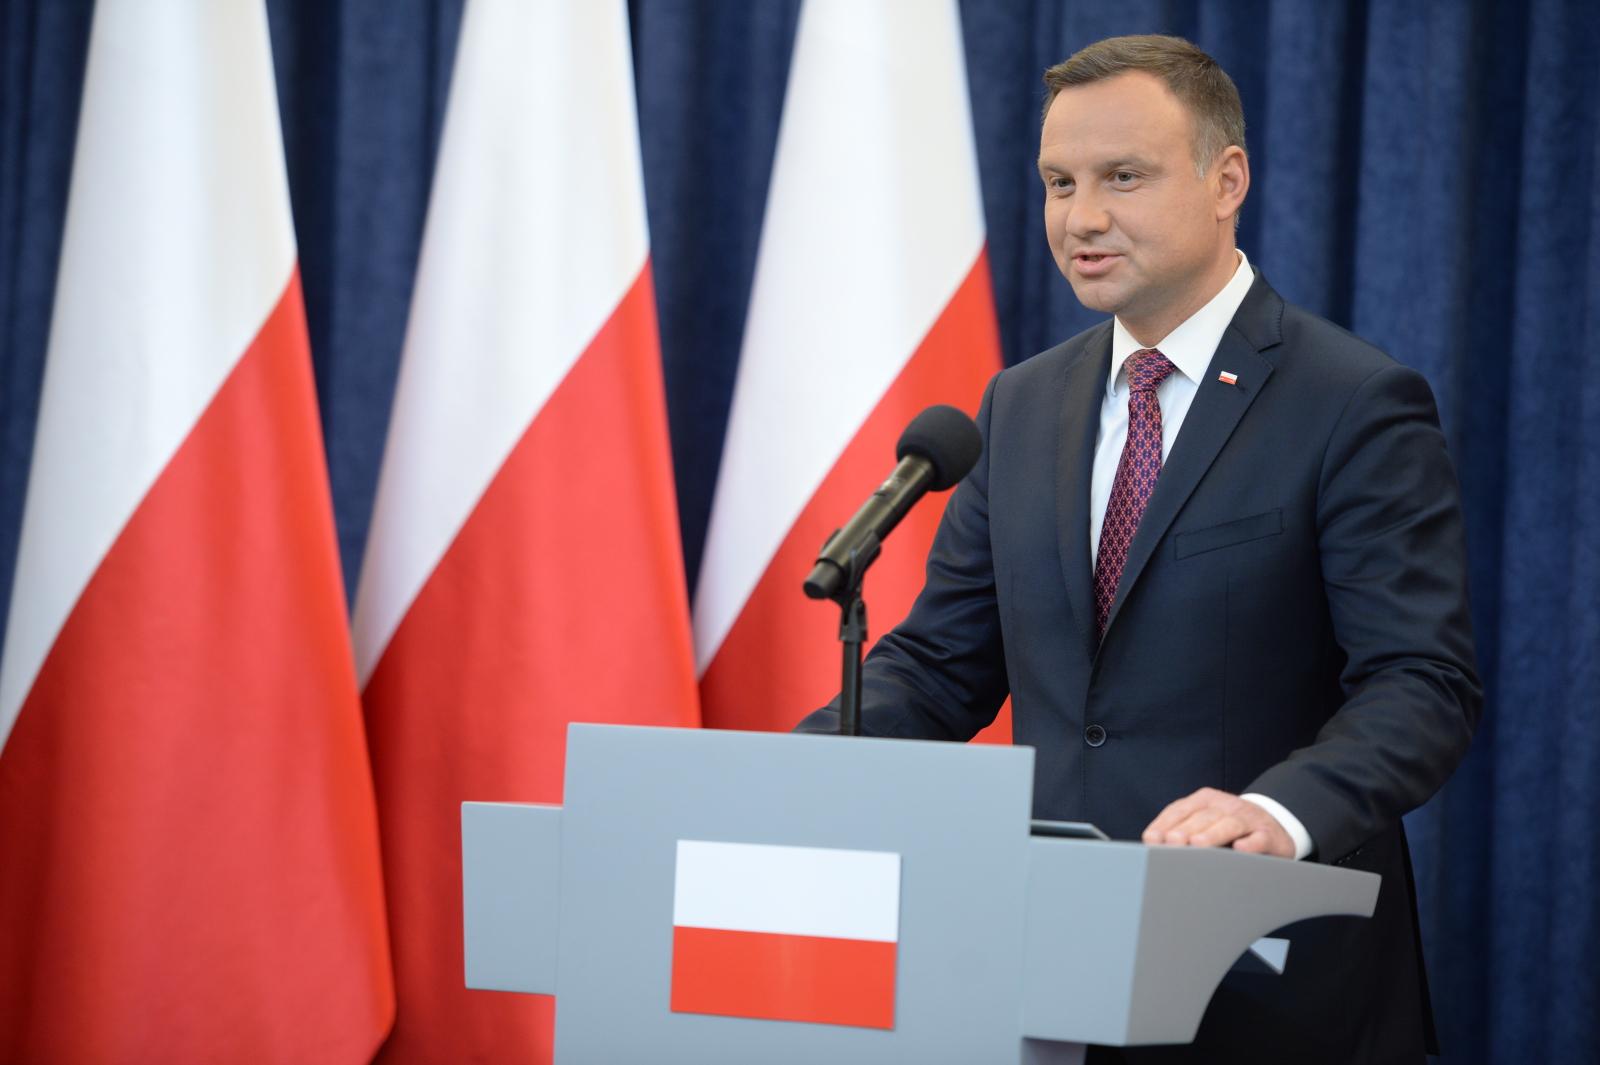 Oświadczenie prezydenta Andrzeja Dudy